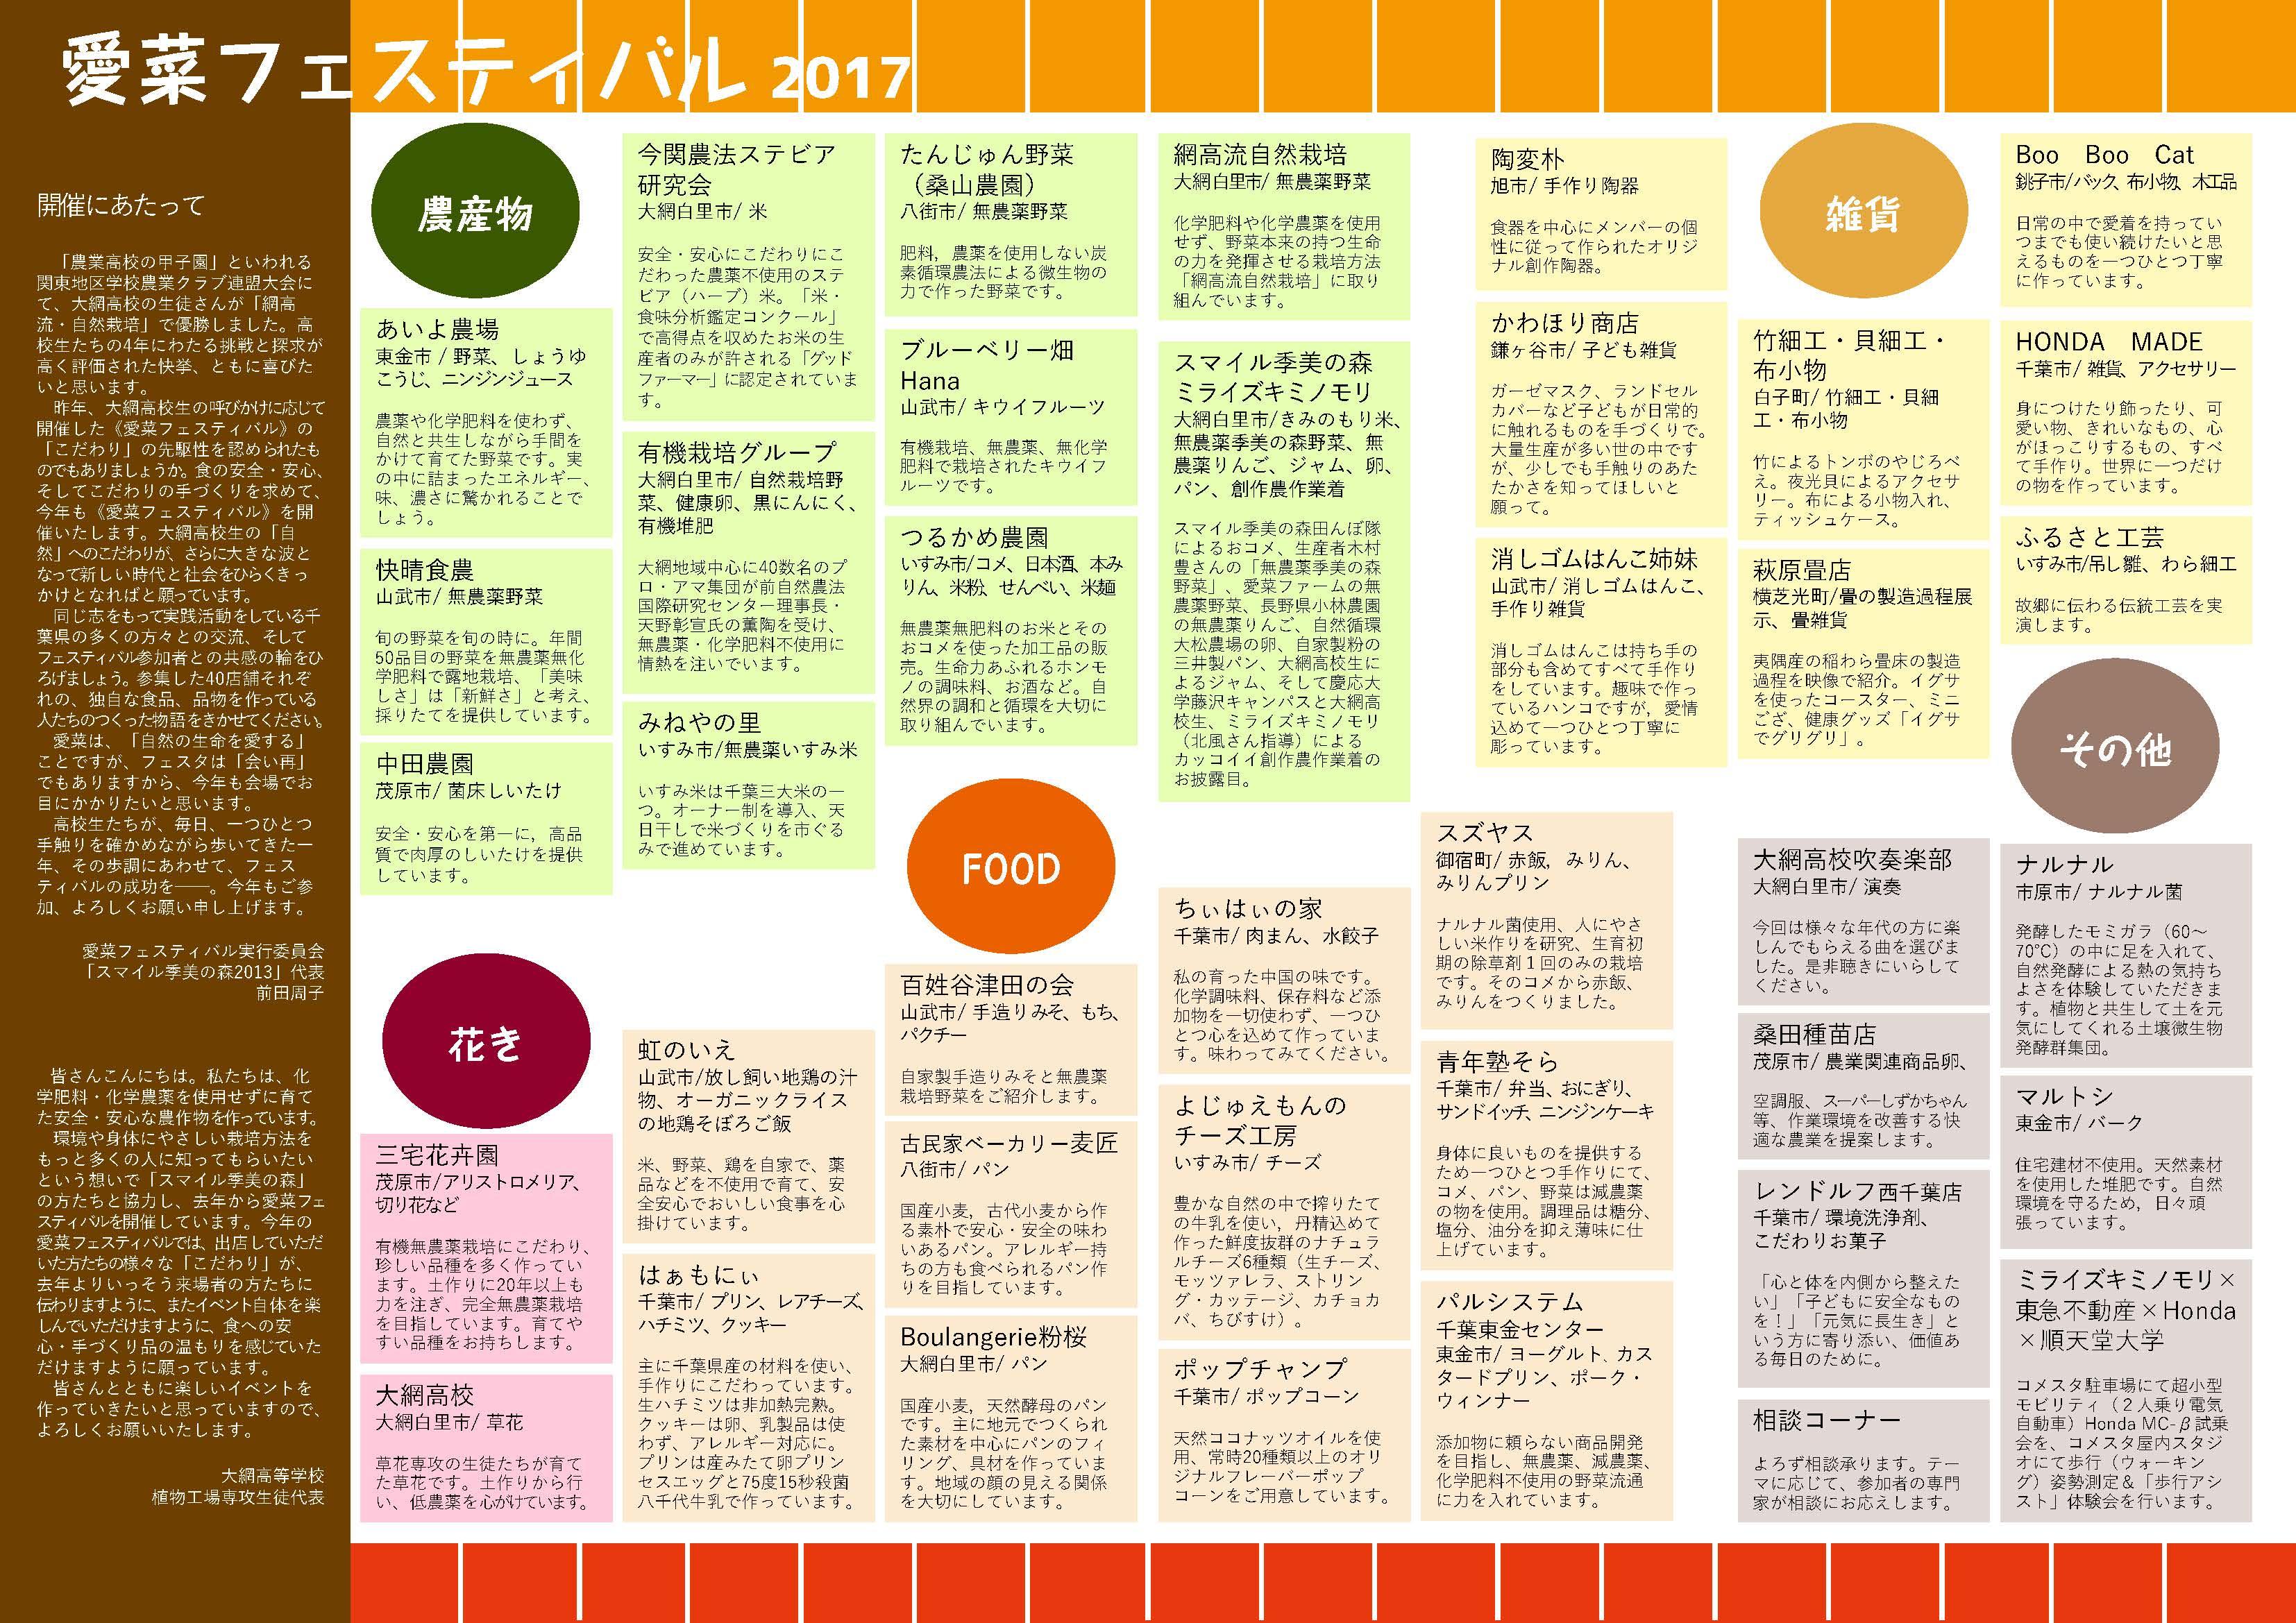 愛菜フェスタweb用中面